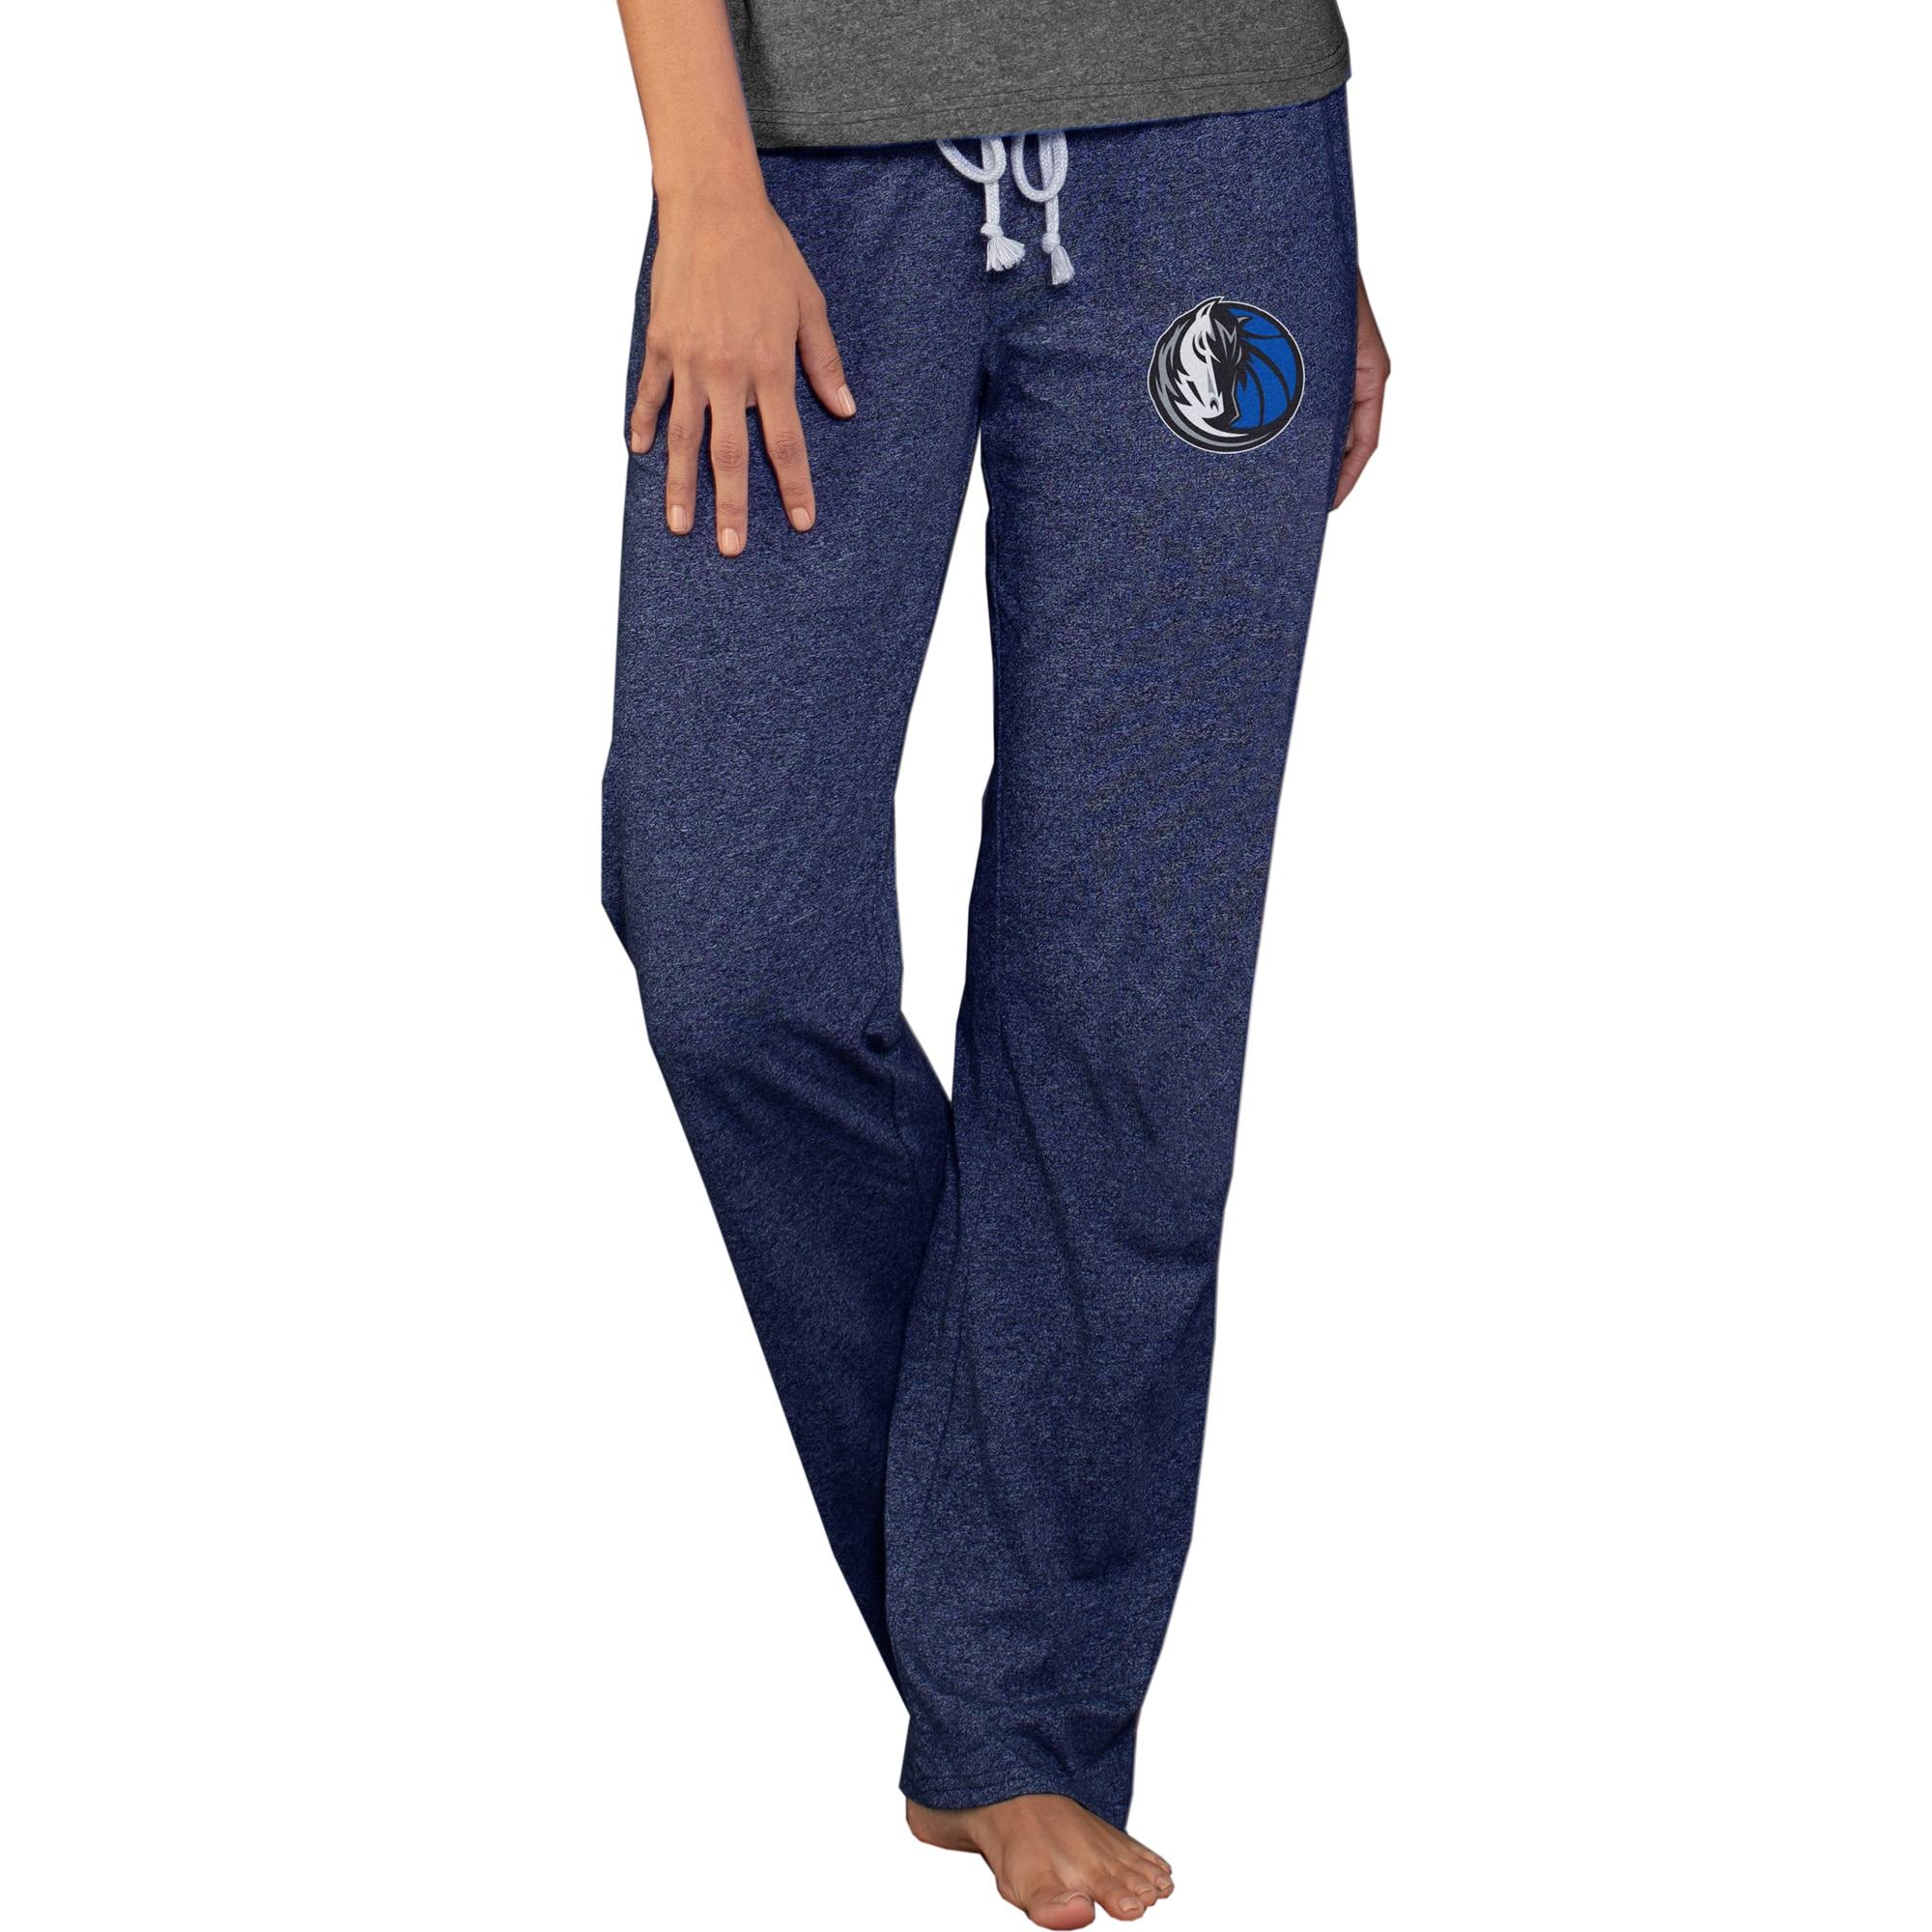 Dallas Mavericks Concepts Sport Women's Quest Knit Pants - Navy